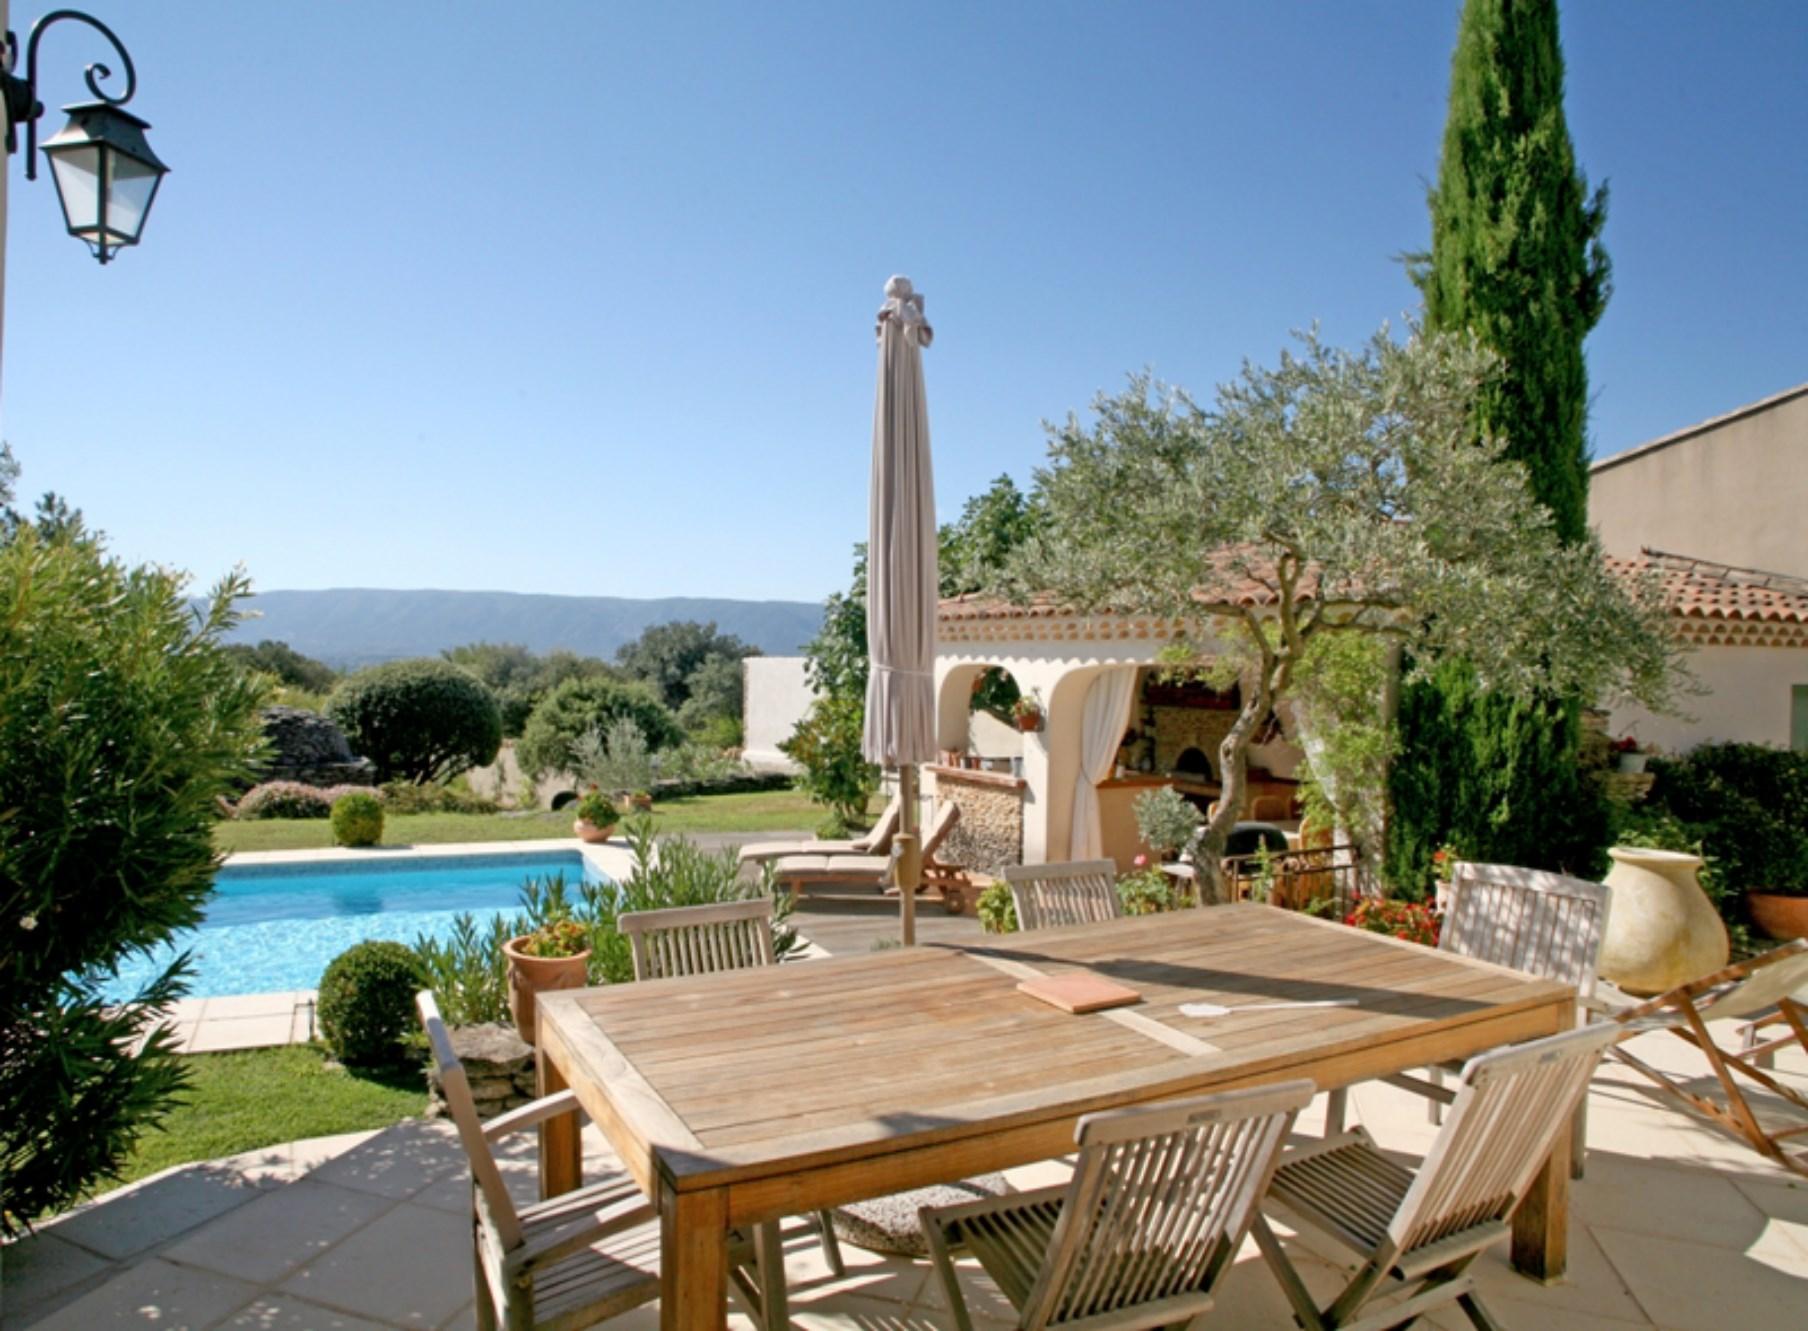 Ventes a proximit de gordes en luberon vendre jolie maison avec terrasse jardin et piscine - Vue de jardin ...